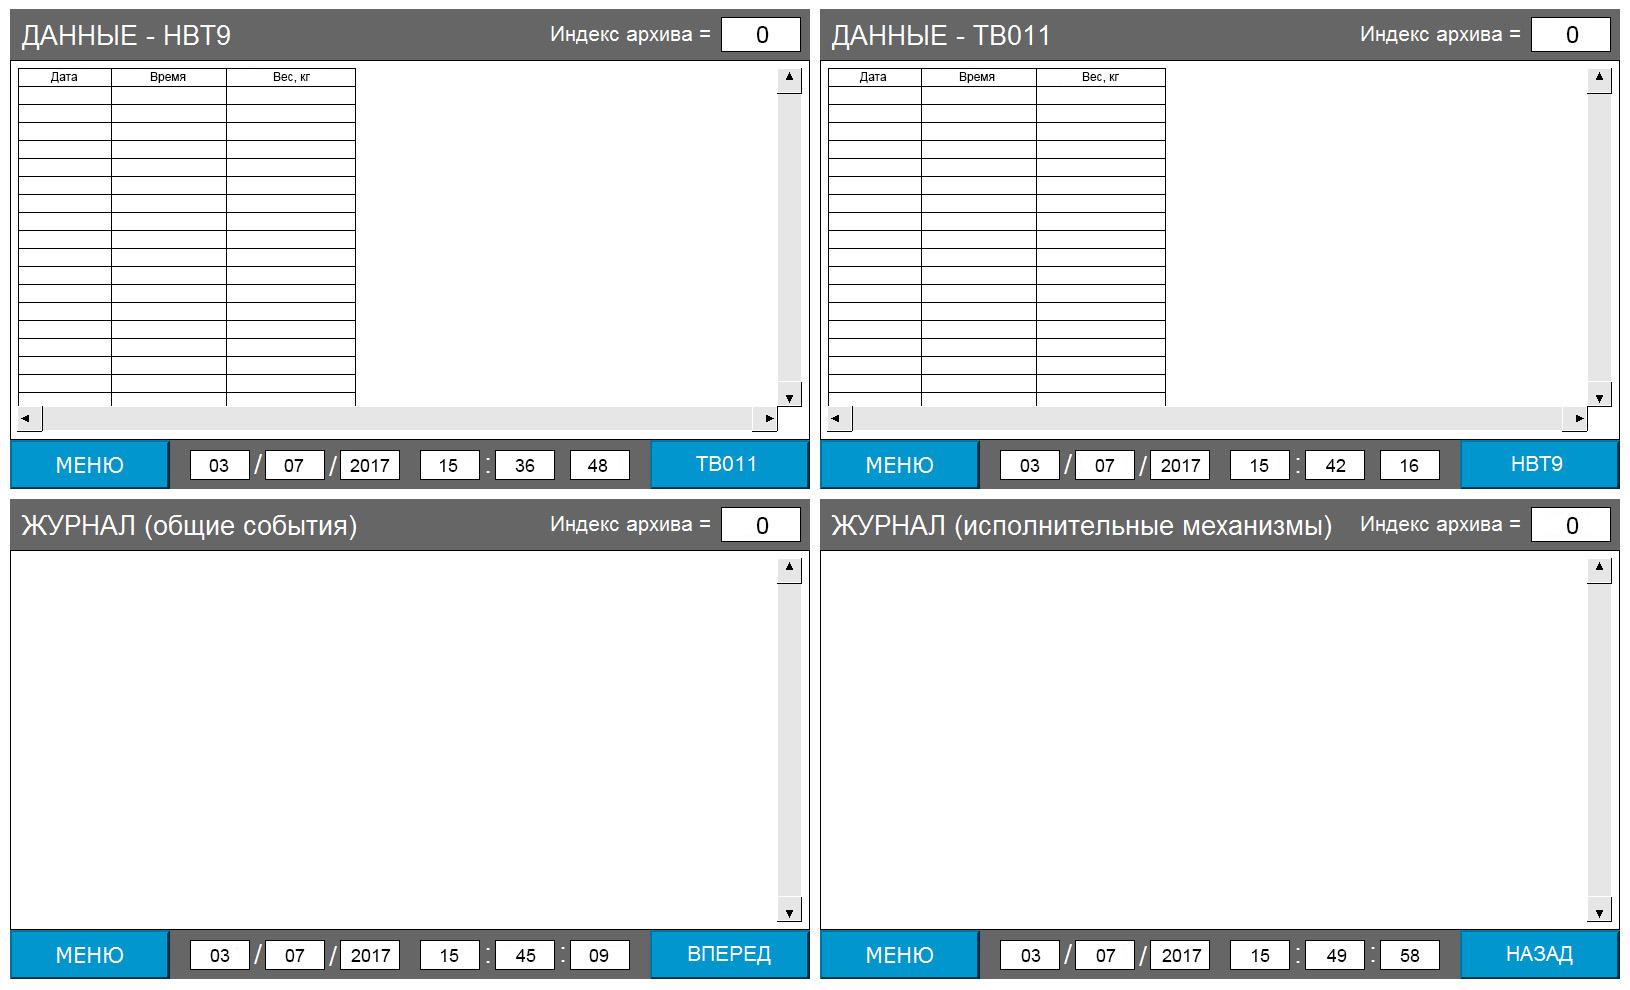 Автоматизированная система управления складом бестарного хранения муки - экраны панели оператора 2